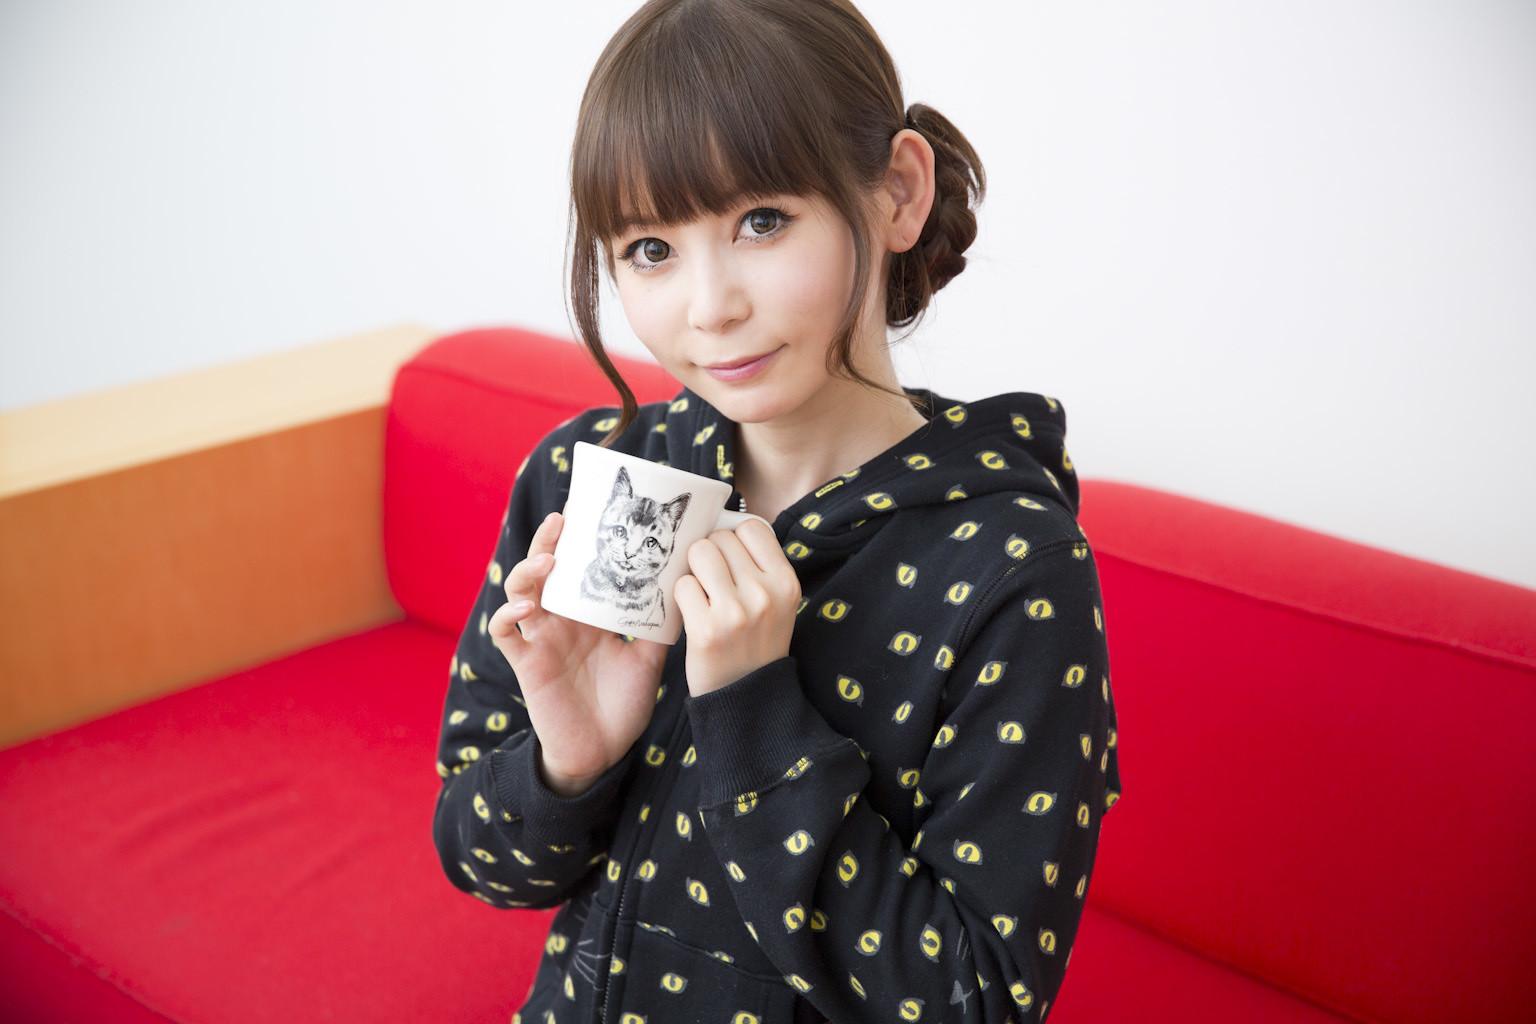 Shoko Nakagawa (b. 1985)